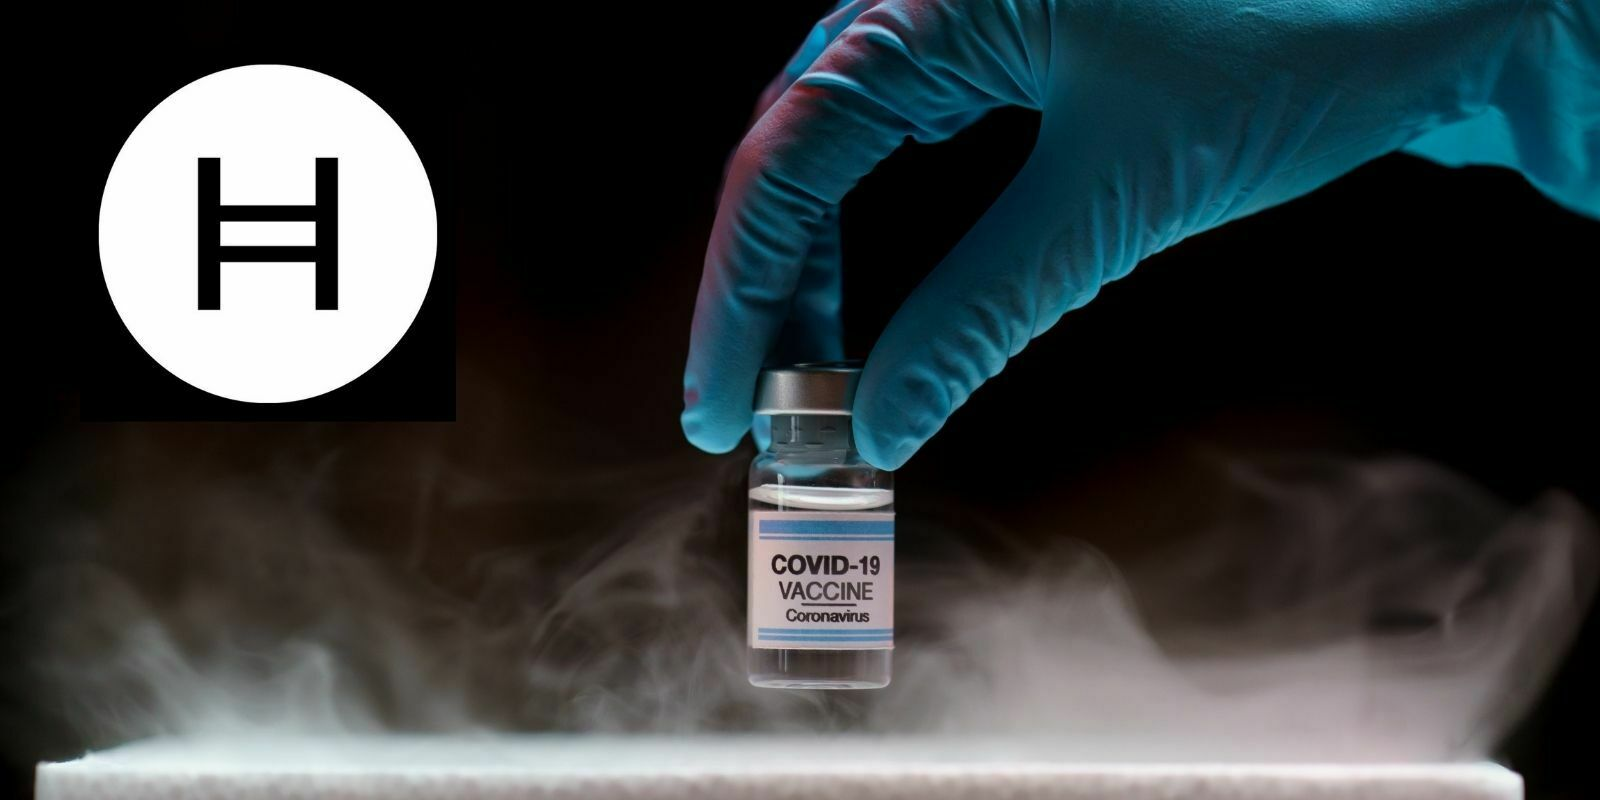 Des hôpitaux britanniques utilisent Hedera (HBAR) pour surveiller le stockage des vaccins Covid-19